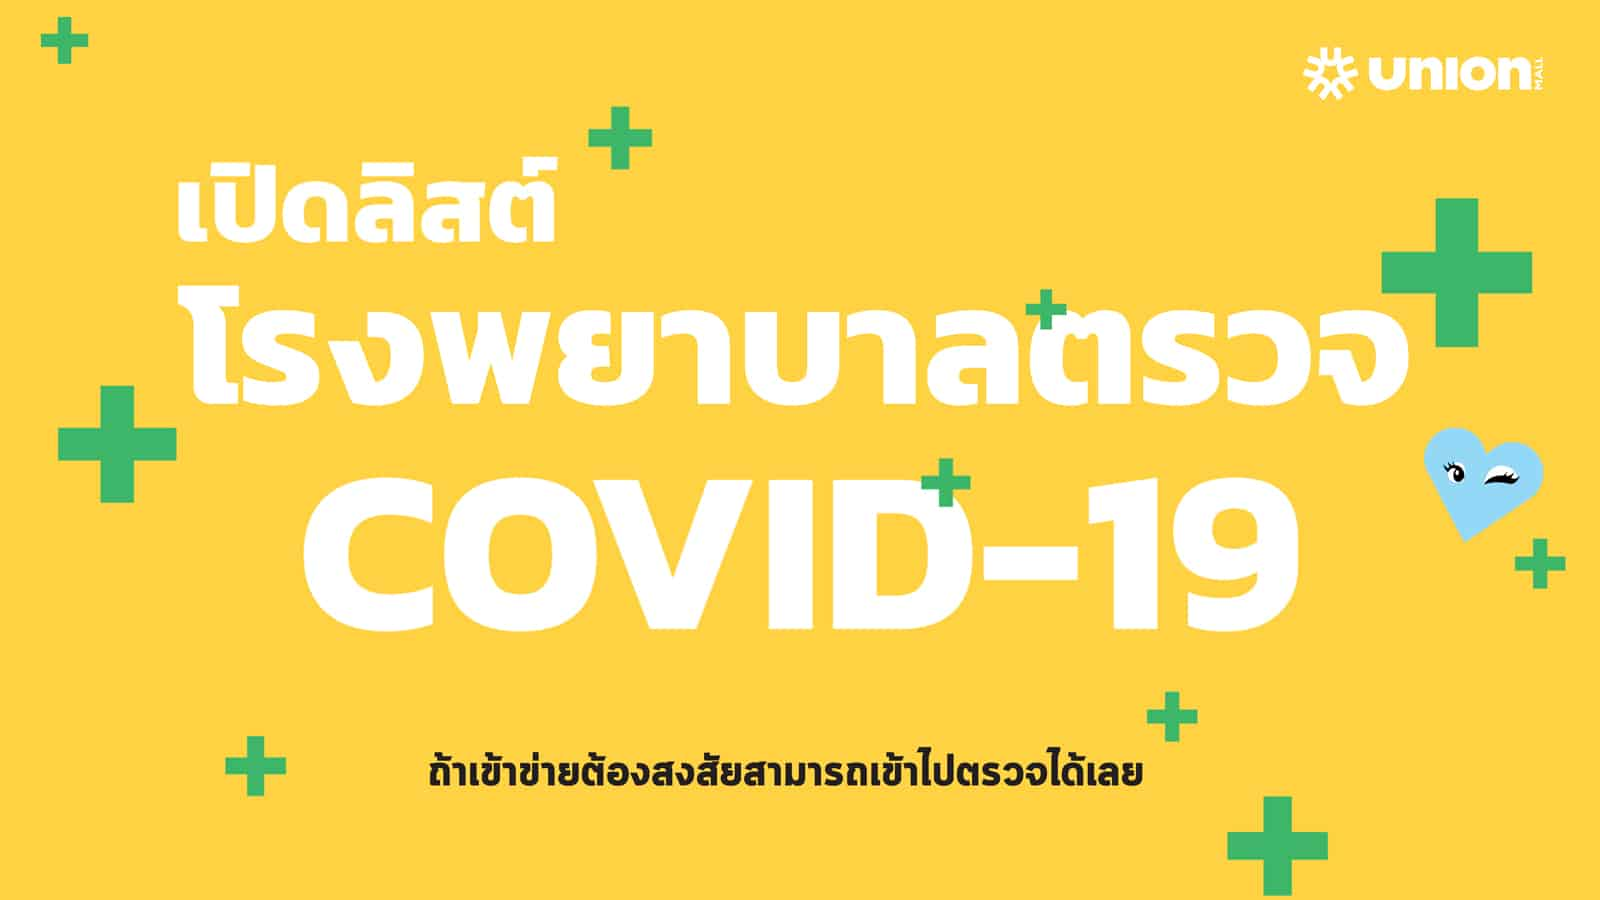 เปิดลิสต์ โรงพยาบาลตรวจ COVID-19